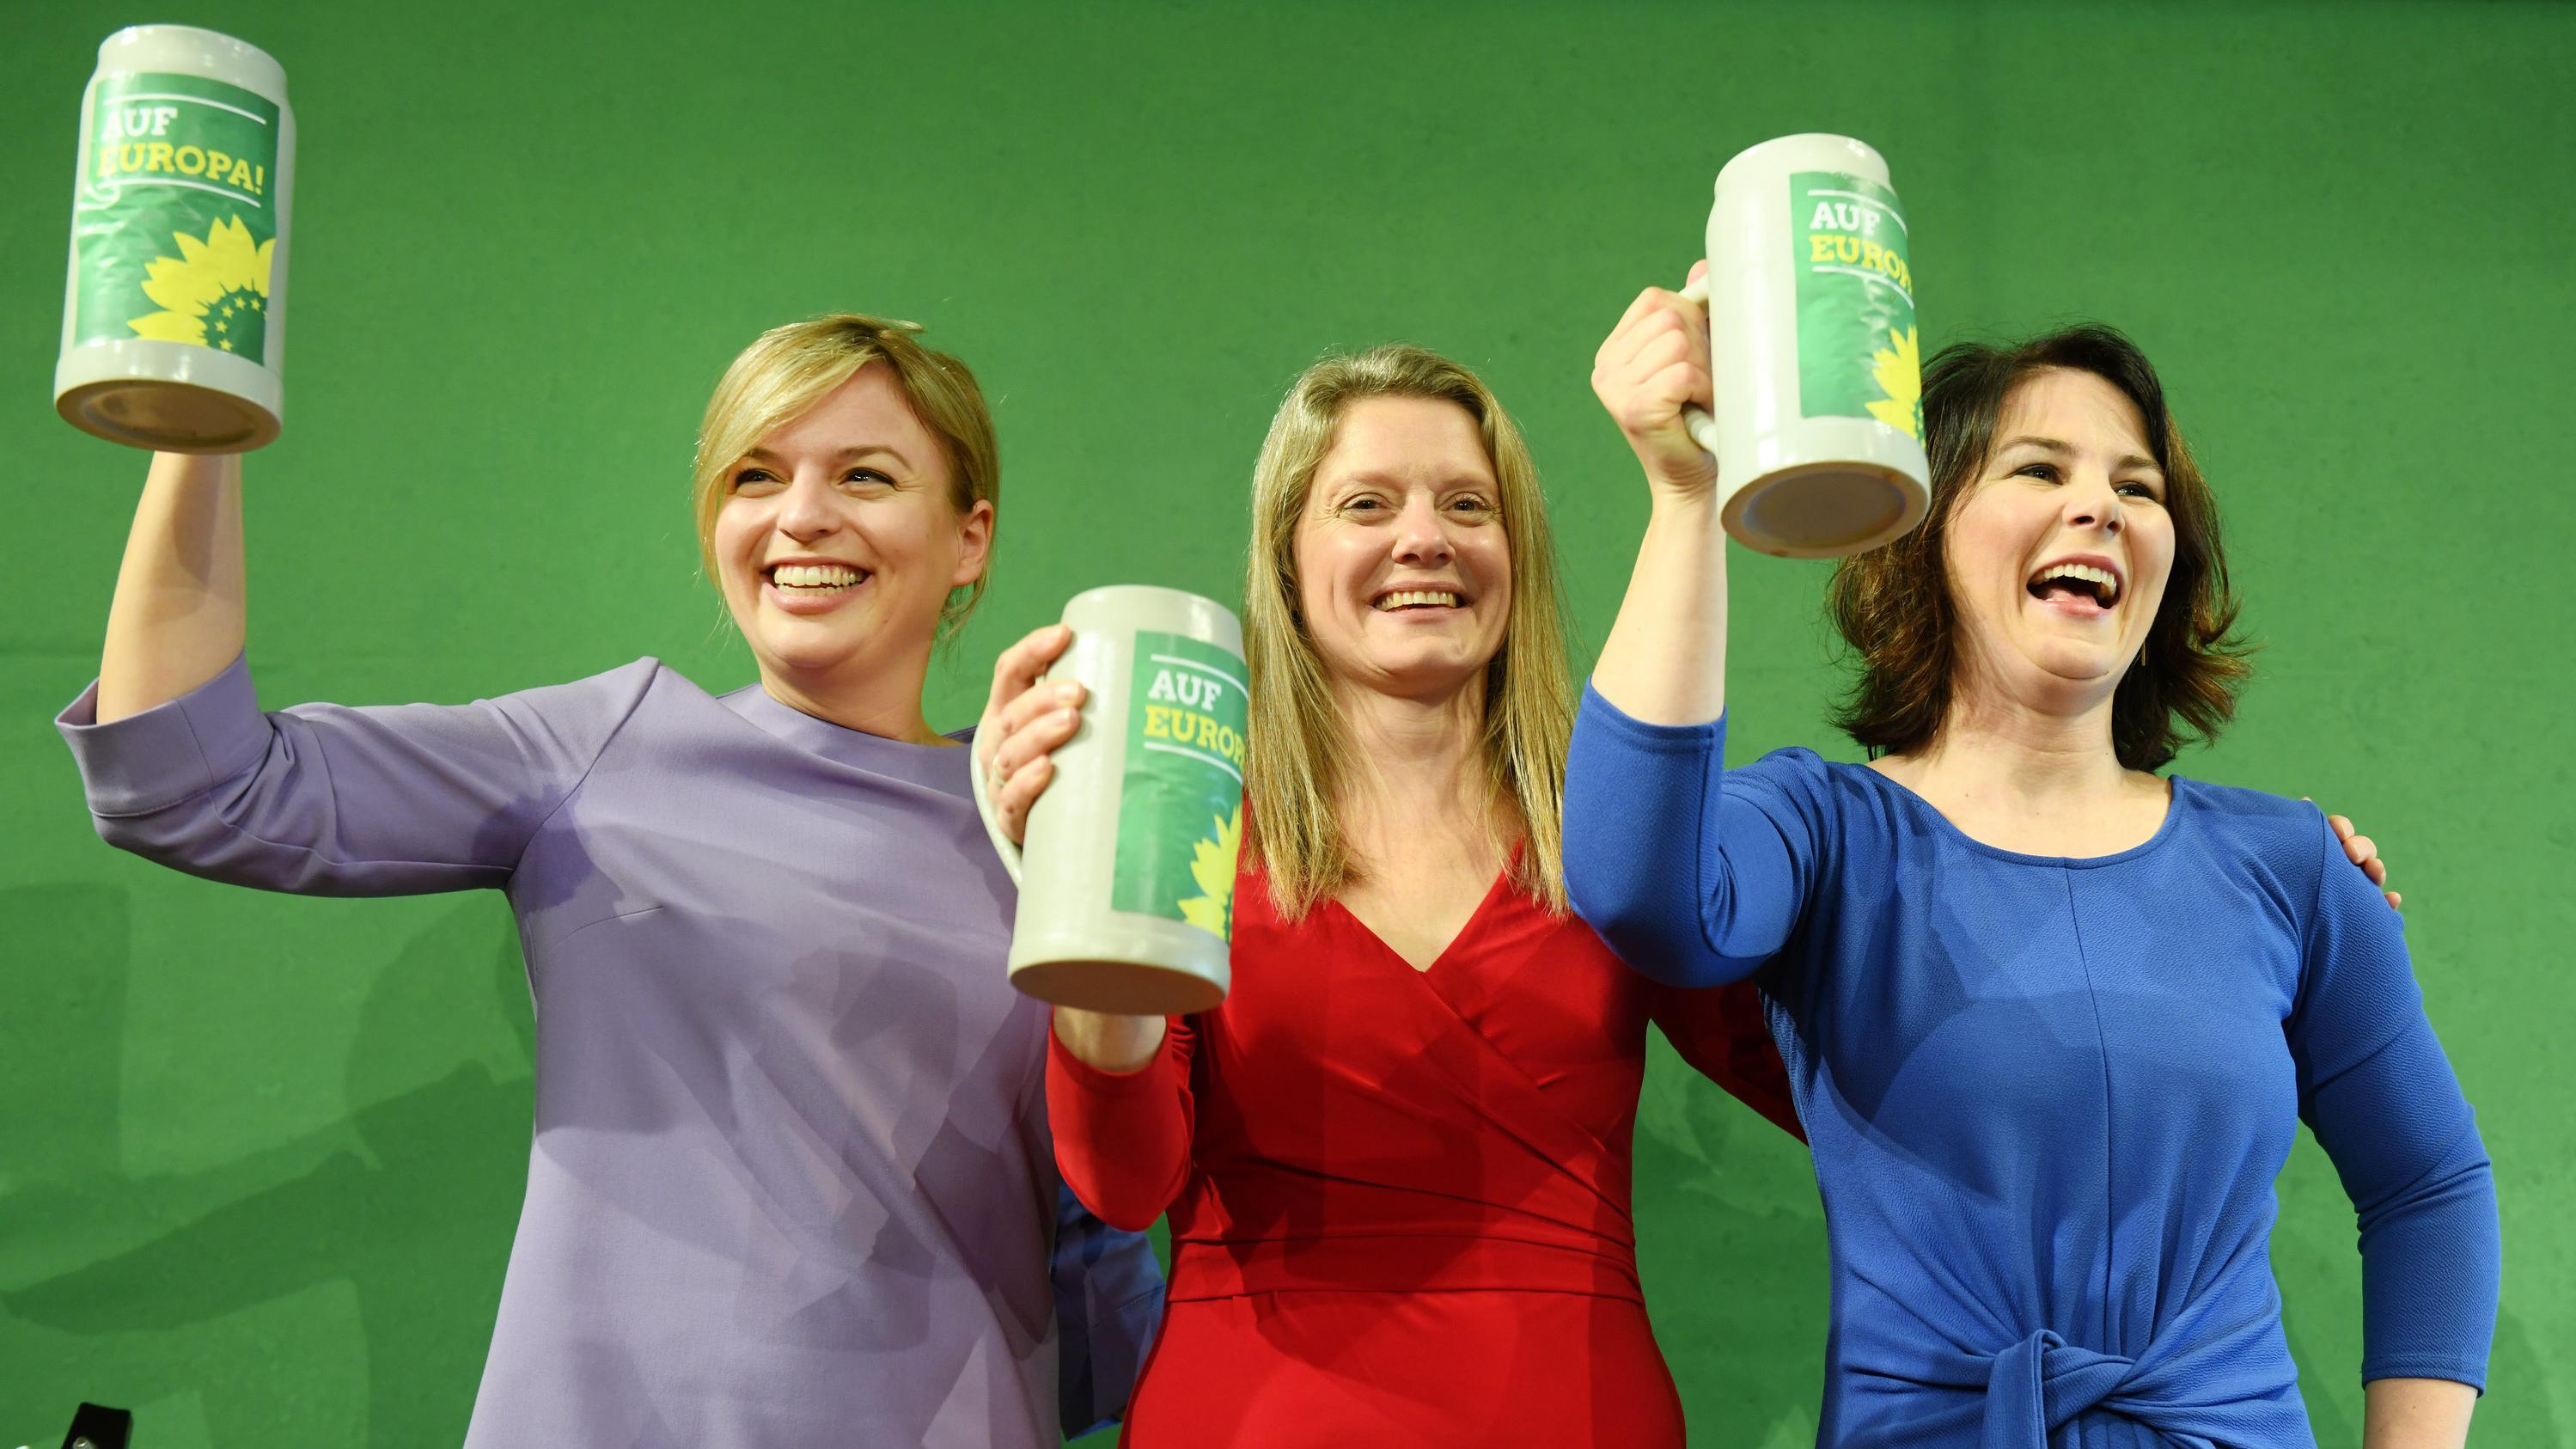 Grüne Politikerinnen halten Bierkrüge in den Händen